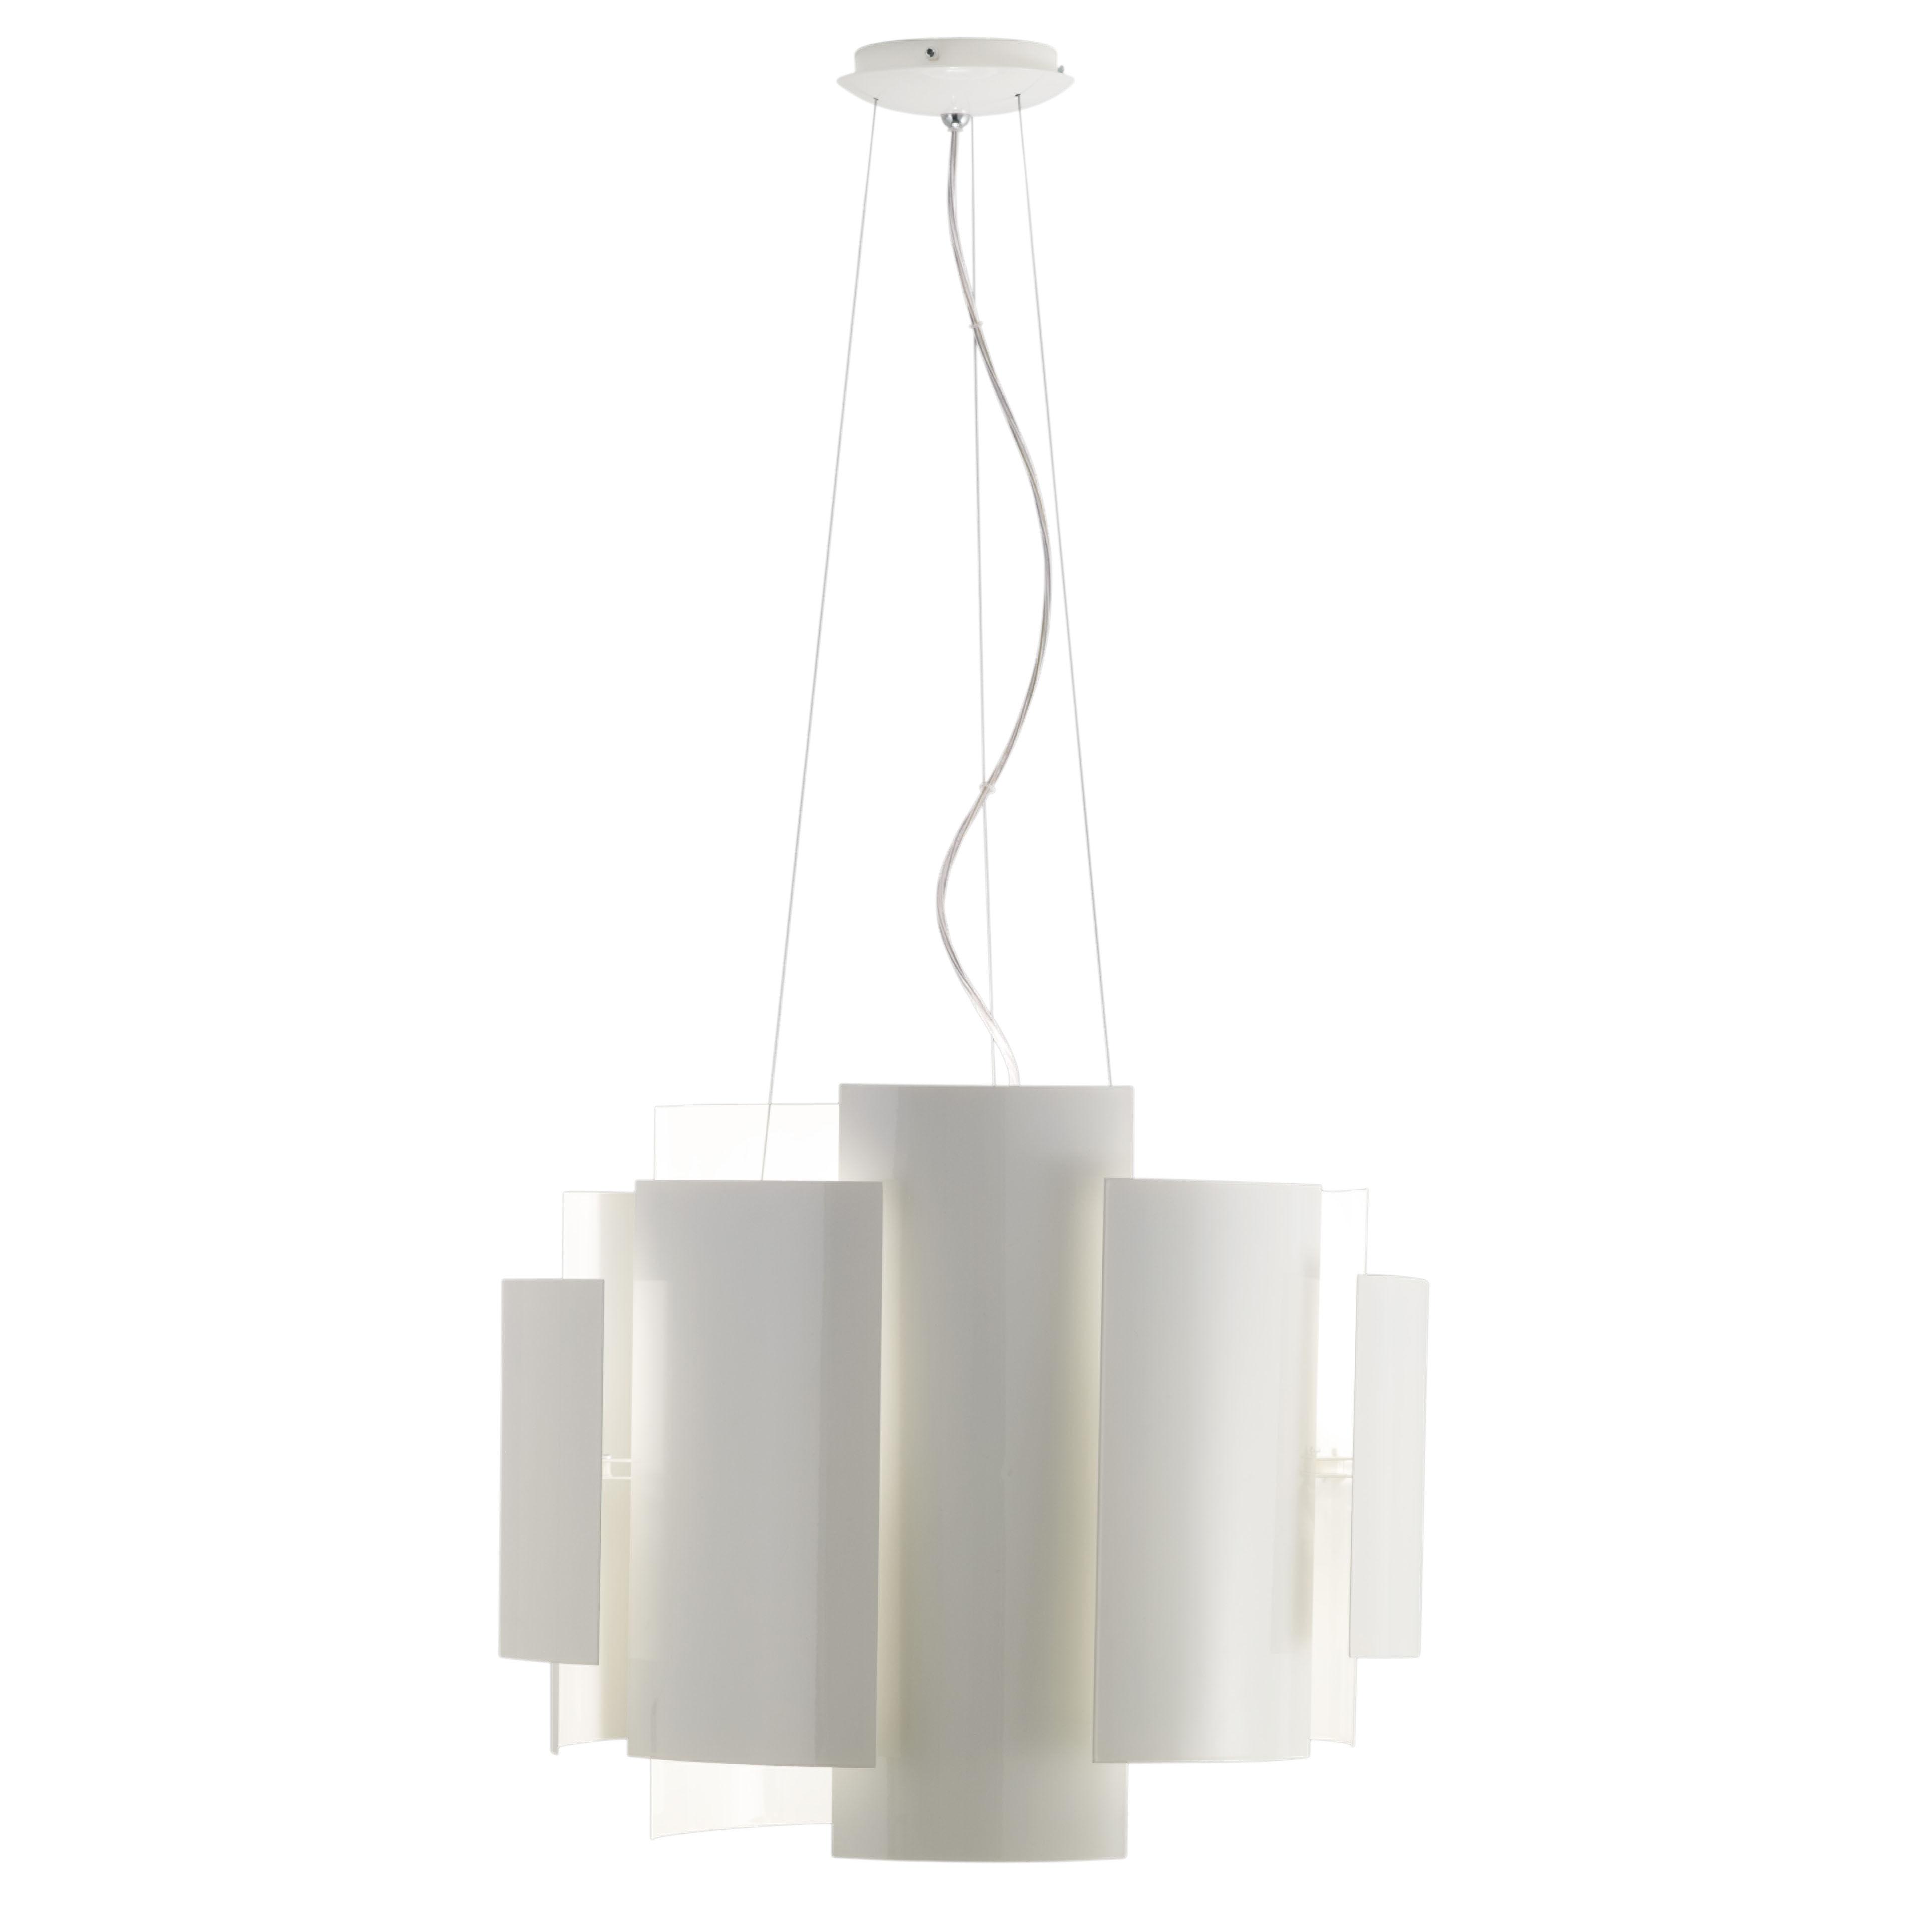 Leuchten - Skyline Pendelleuchte Ø 50 cm - Lumen Center Italia - Weiß - lackiertes Metall